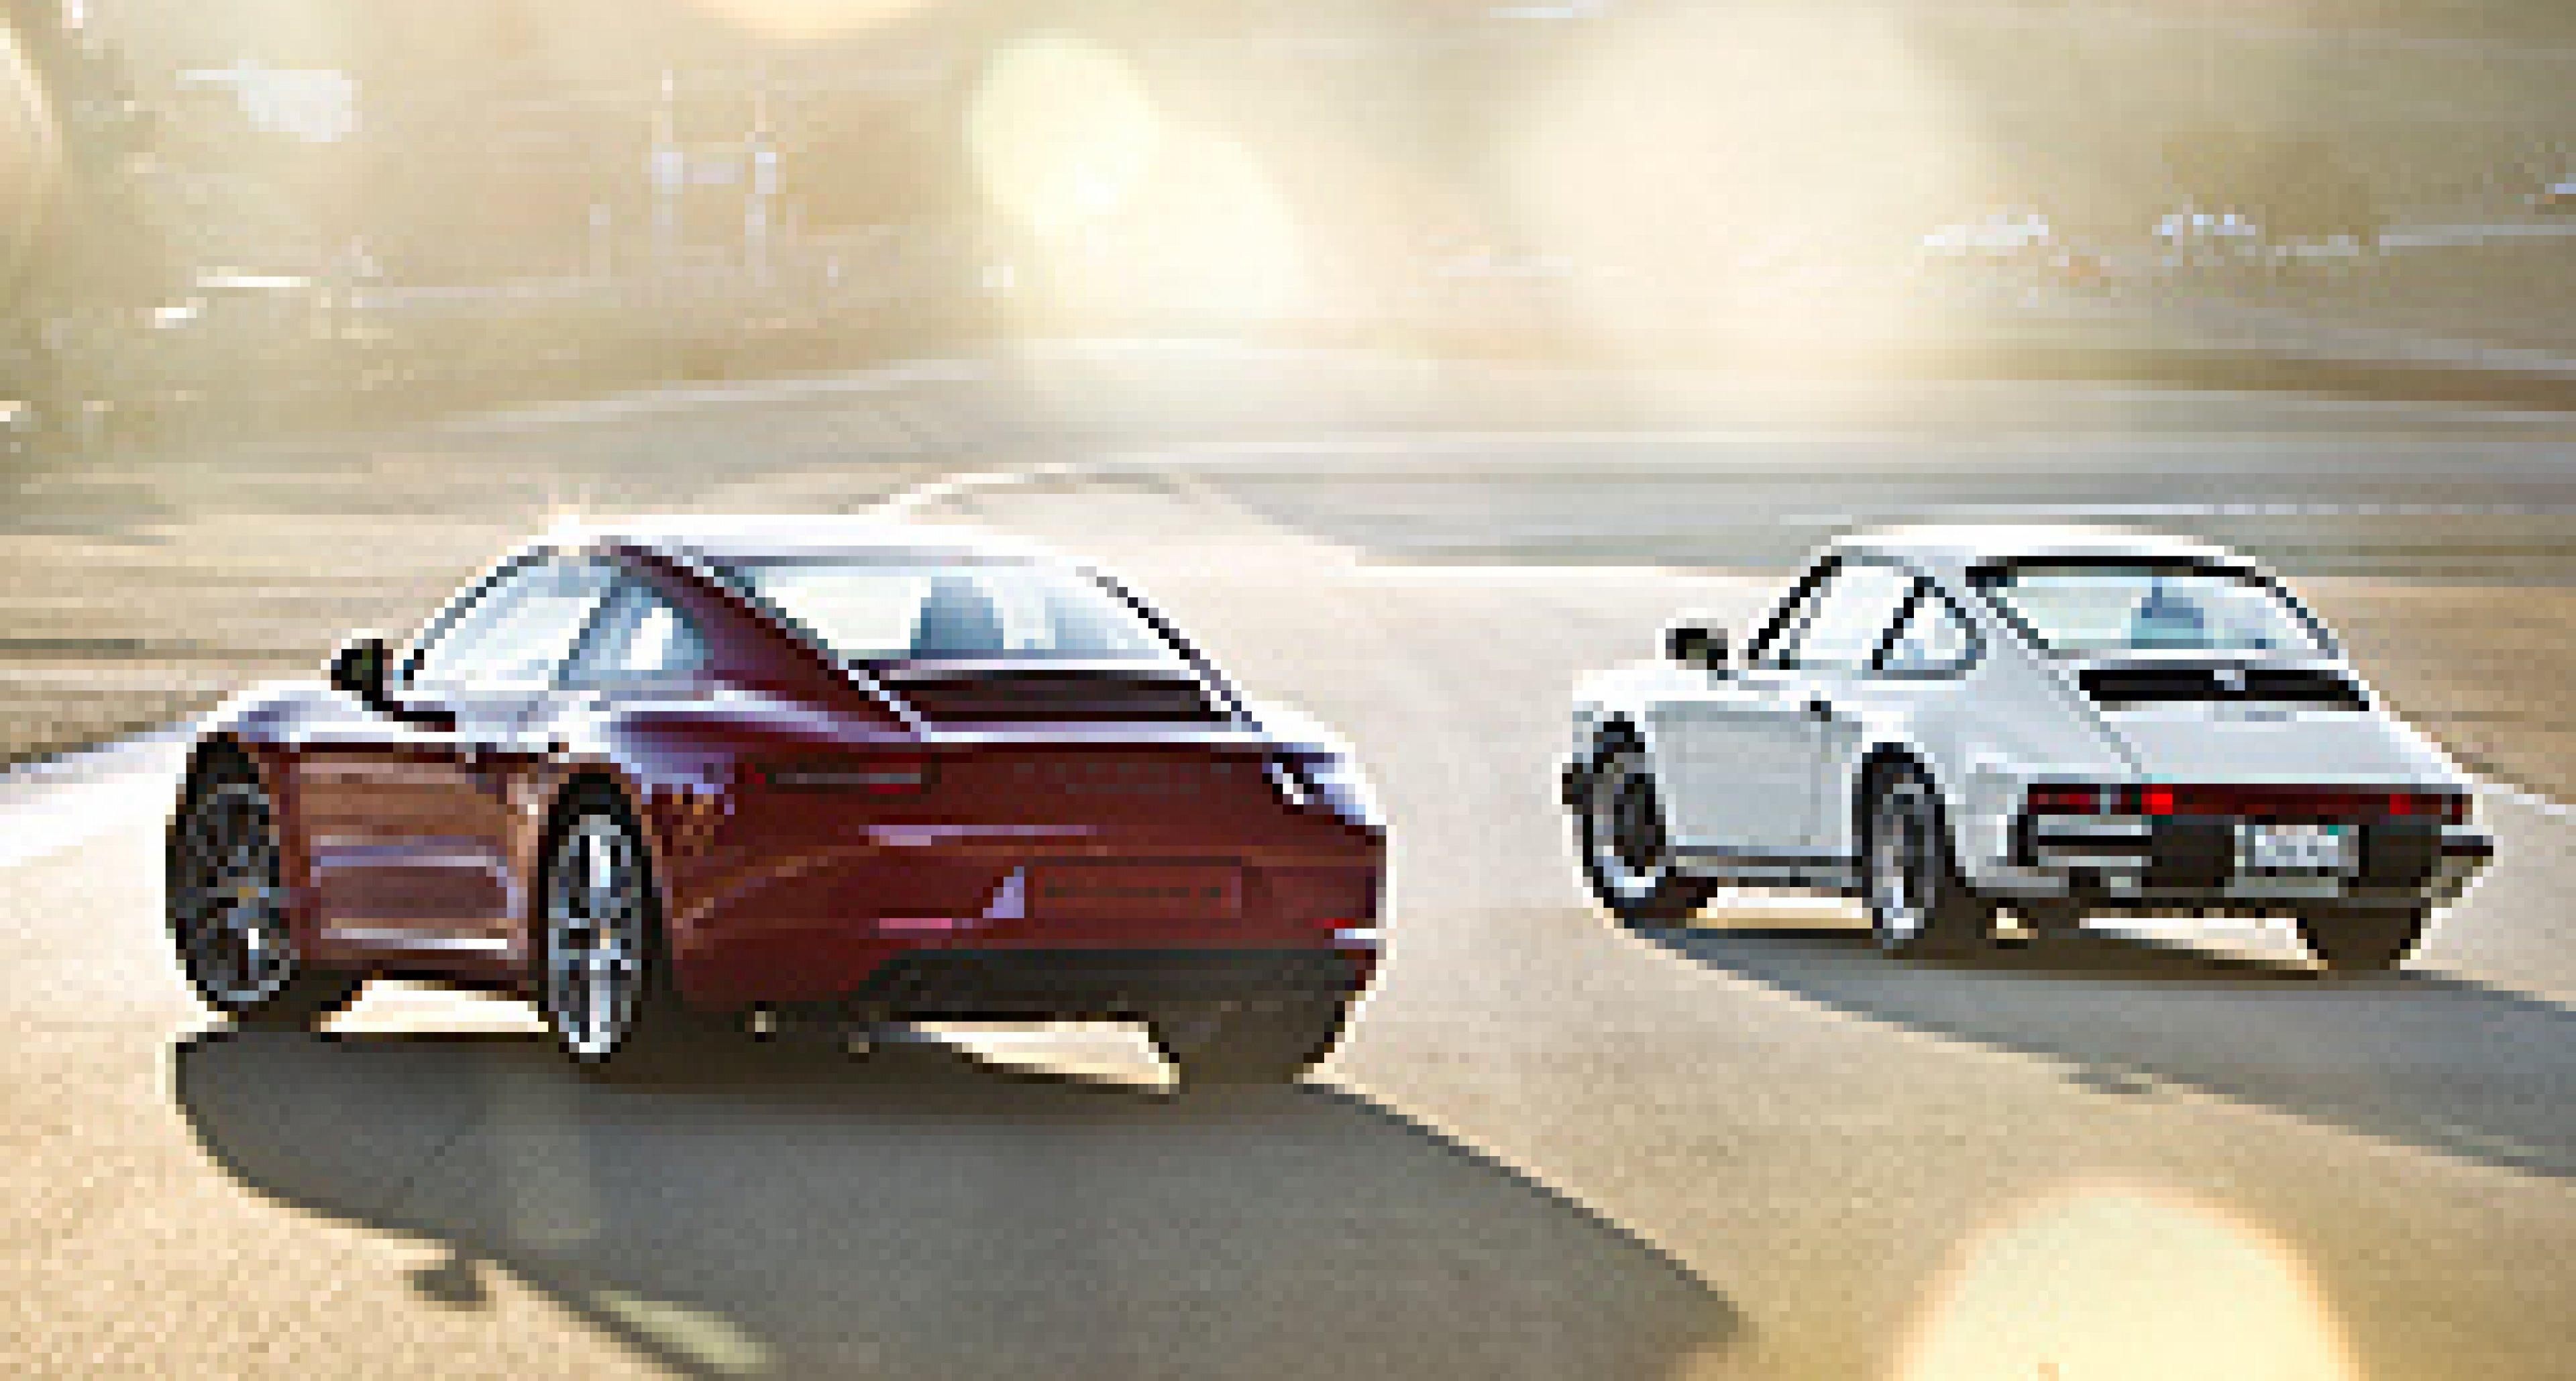 Porsche 911 Generationen: 991 trifft G-Modell